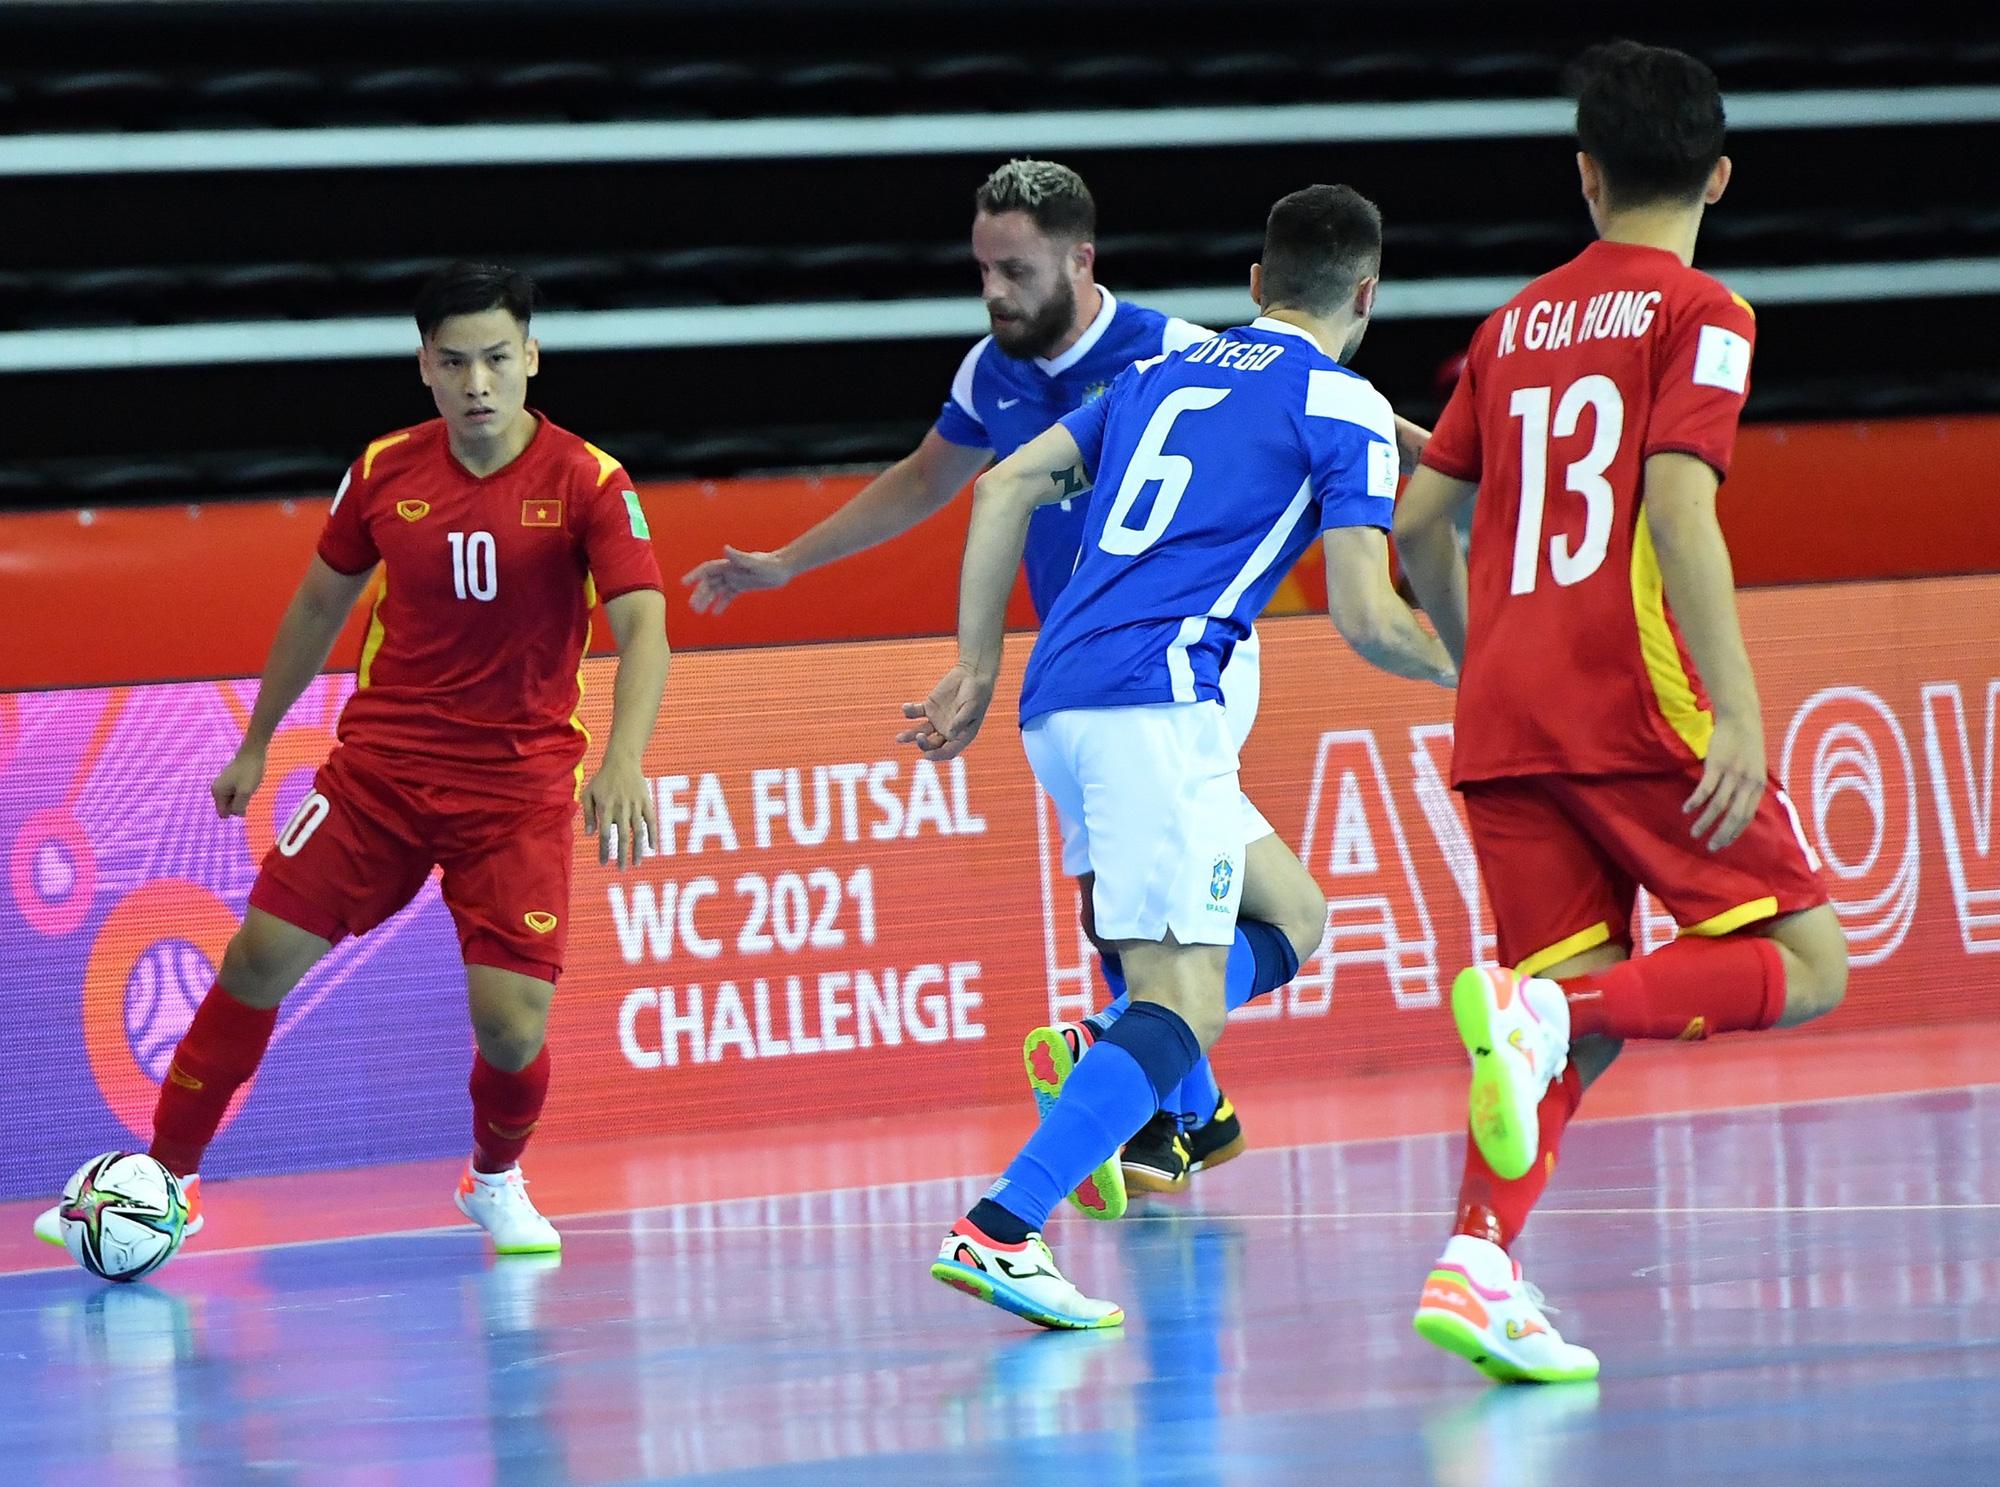 HLV trưởng ĐT futsal Việt Nam lạc quan sau trận thua Brazil: Ghi bàn đã là 1 hạnh phúc - ảnh 4